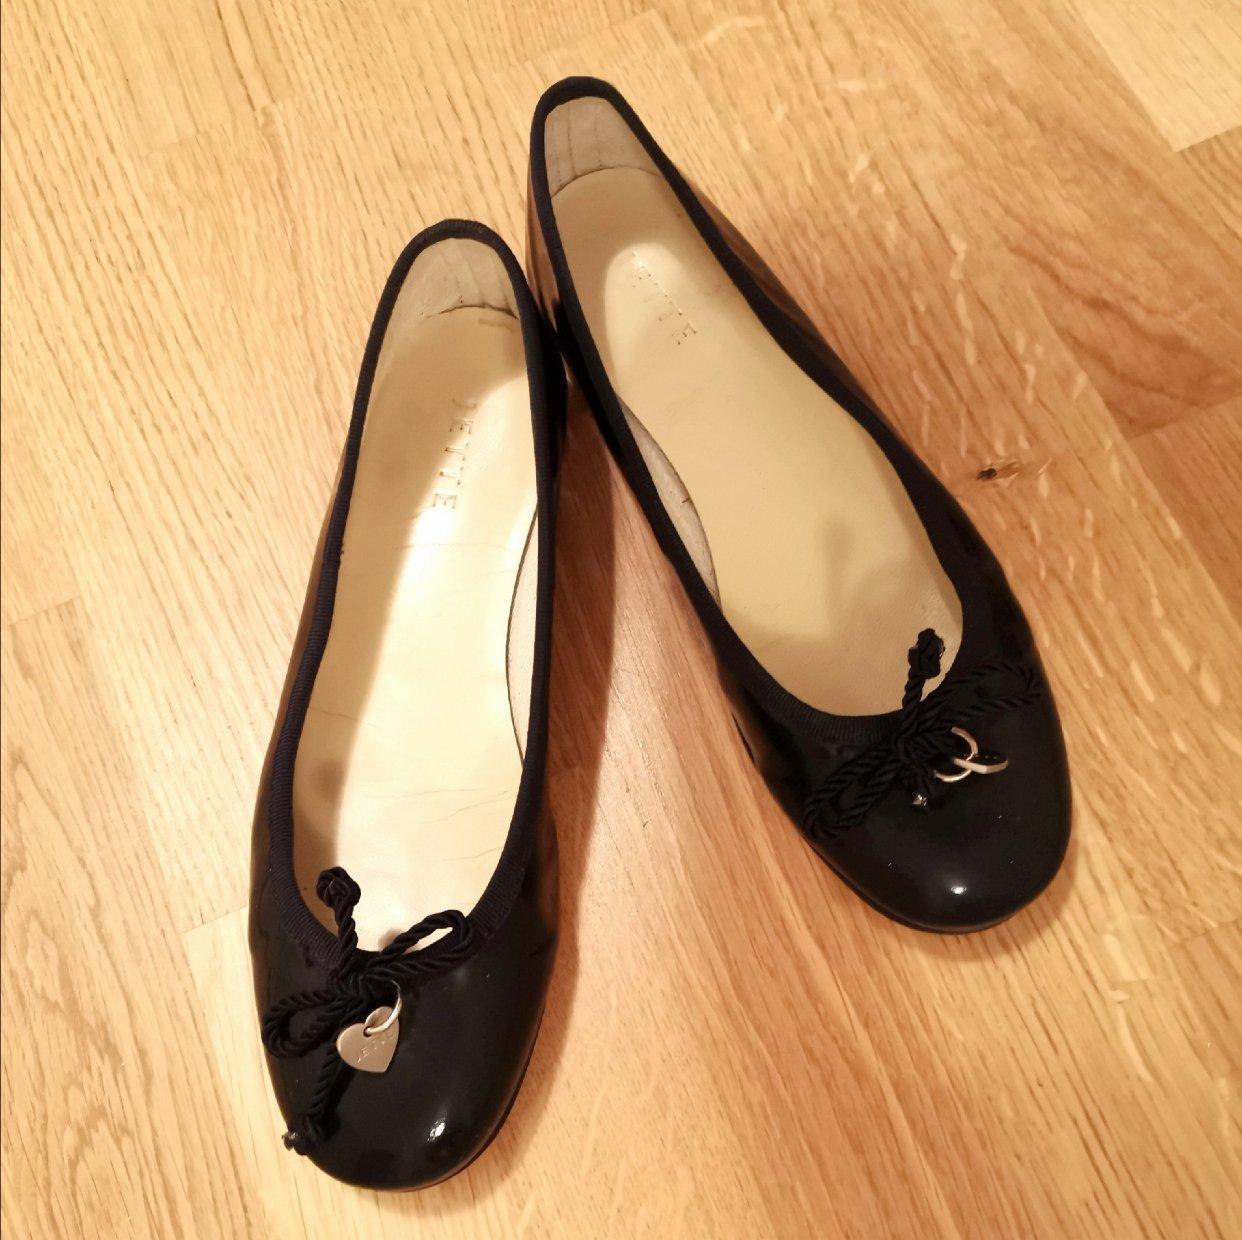 千脚蜈蚣女孩的鞋柜——No.1 平底芭蕾鞋